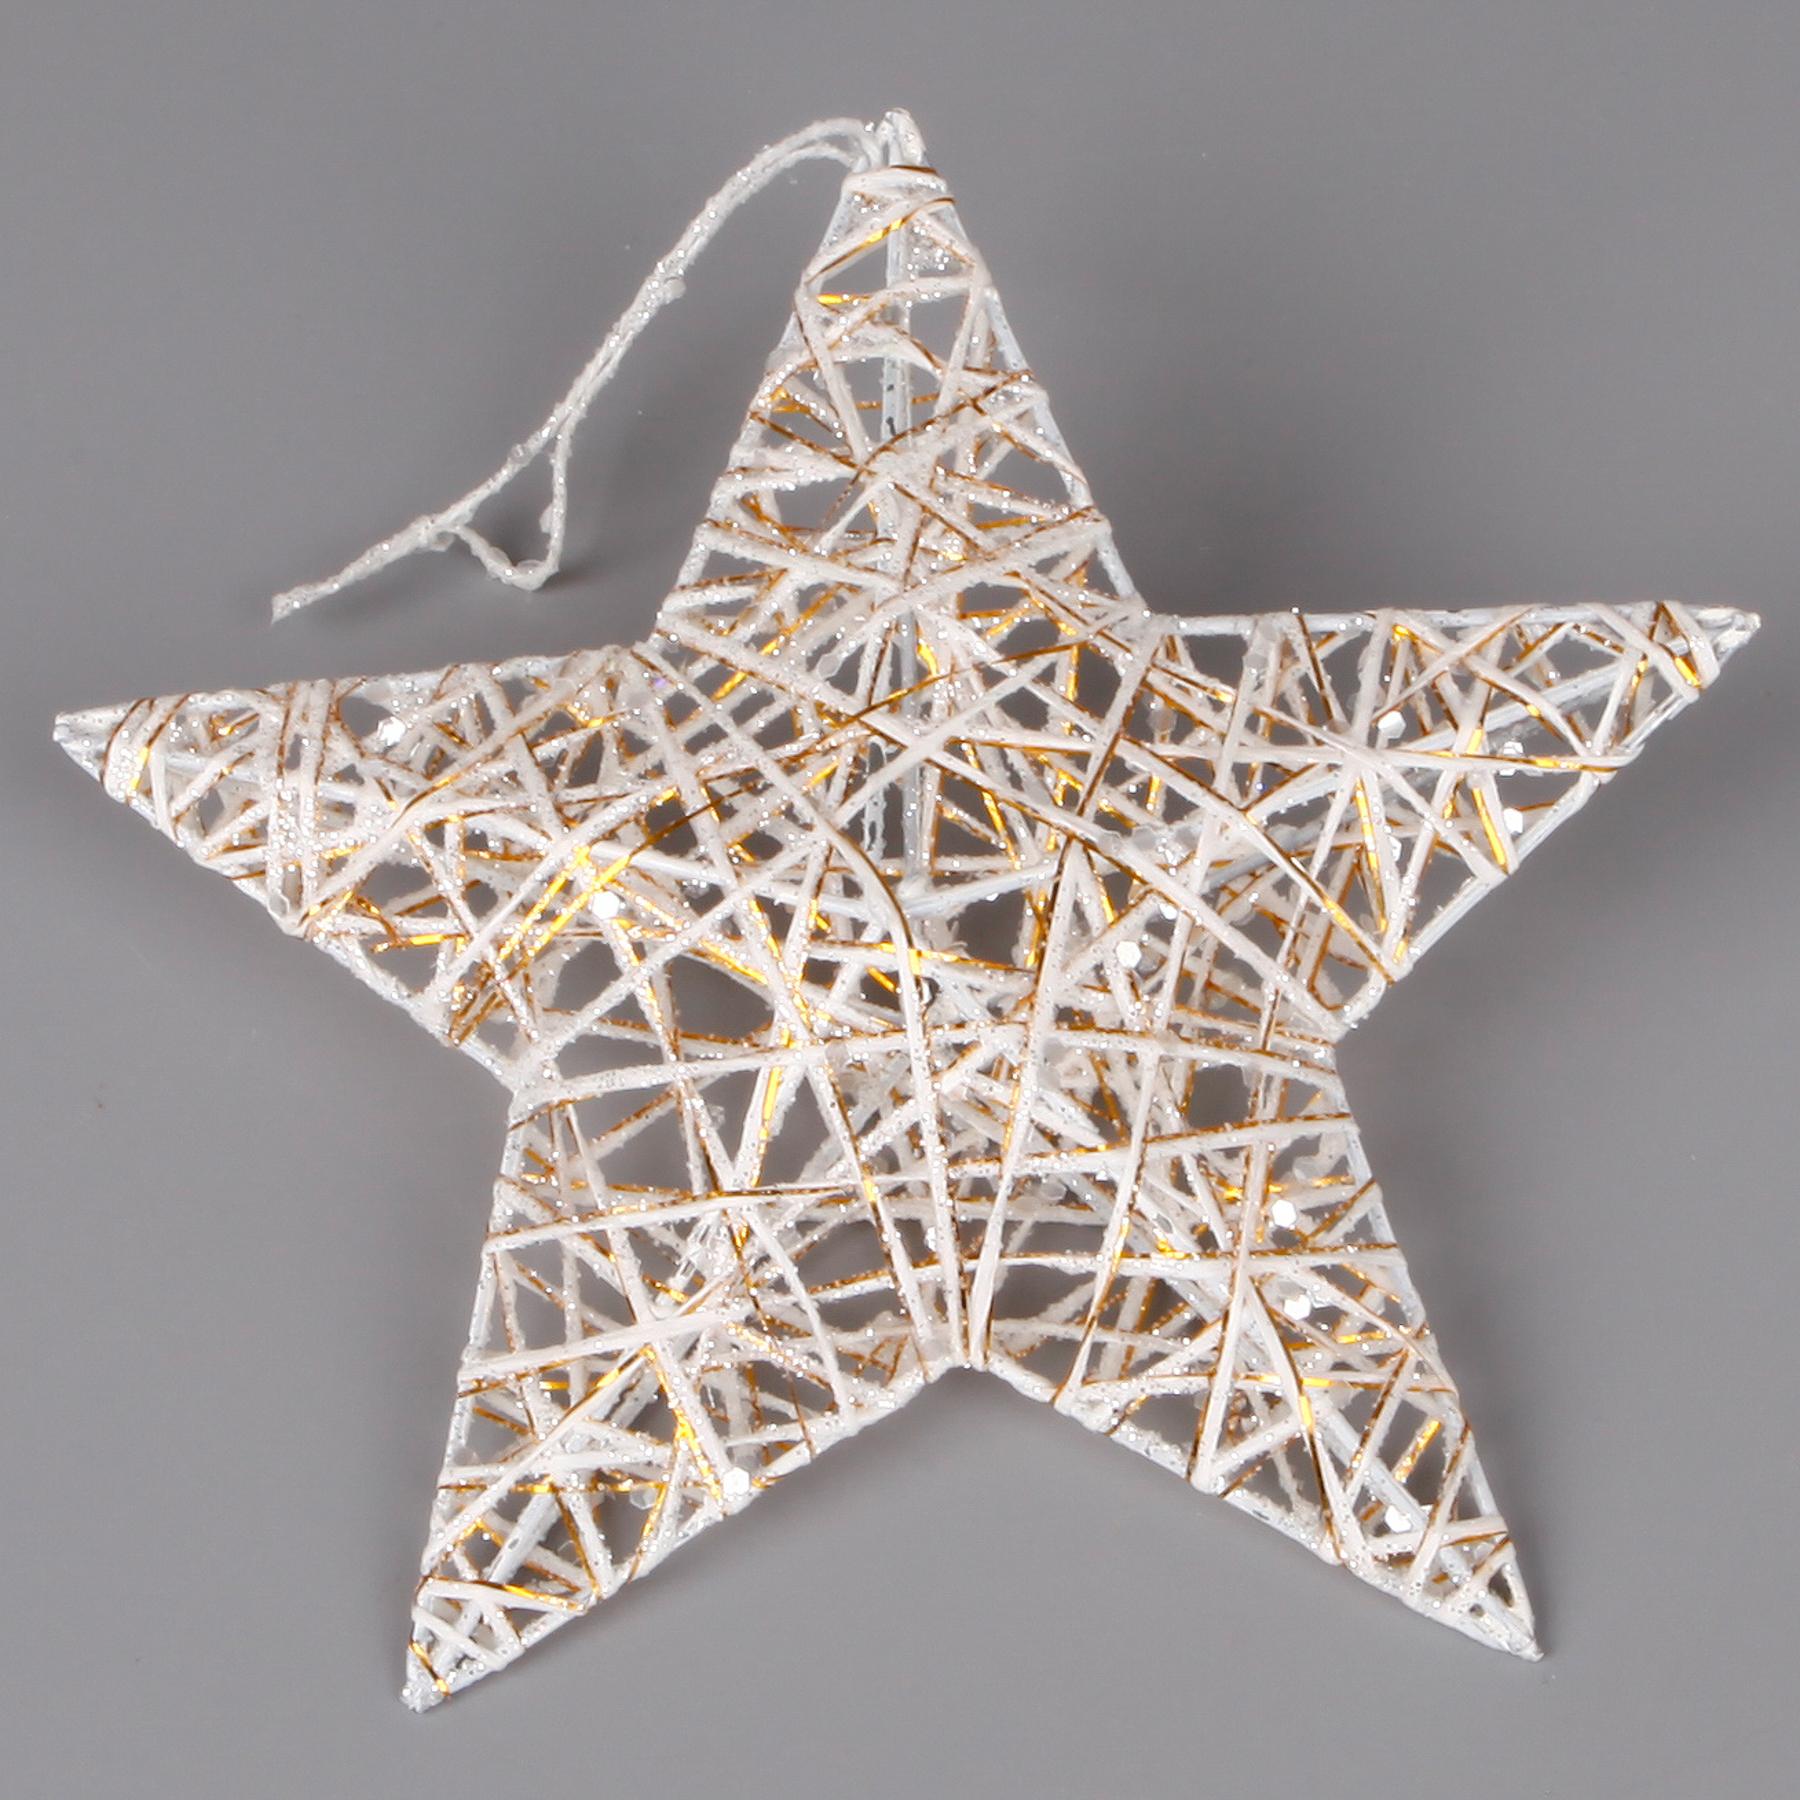 3D hvězda závěs provaz/kov 19cm bílá/zlatá gliter